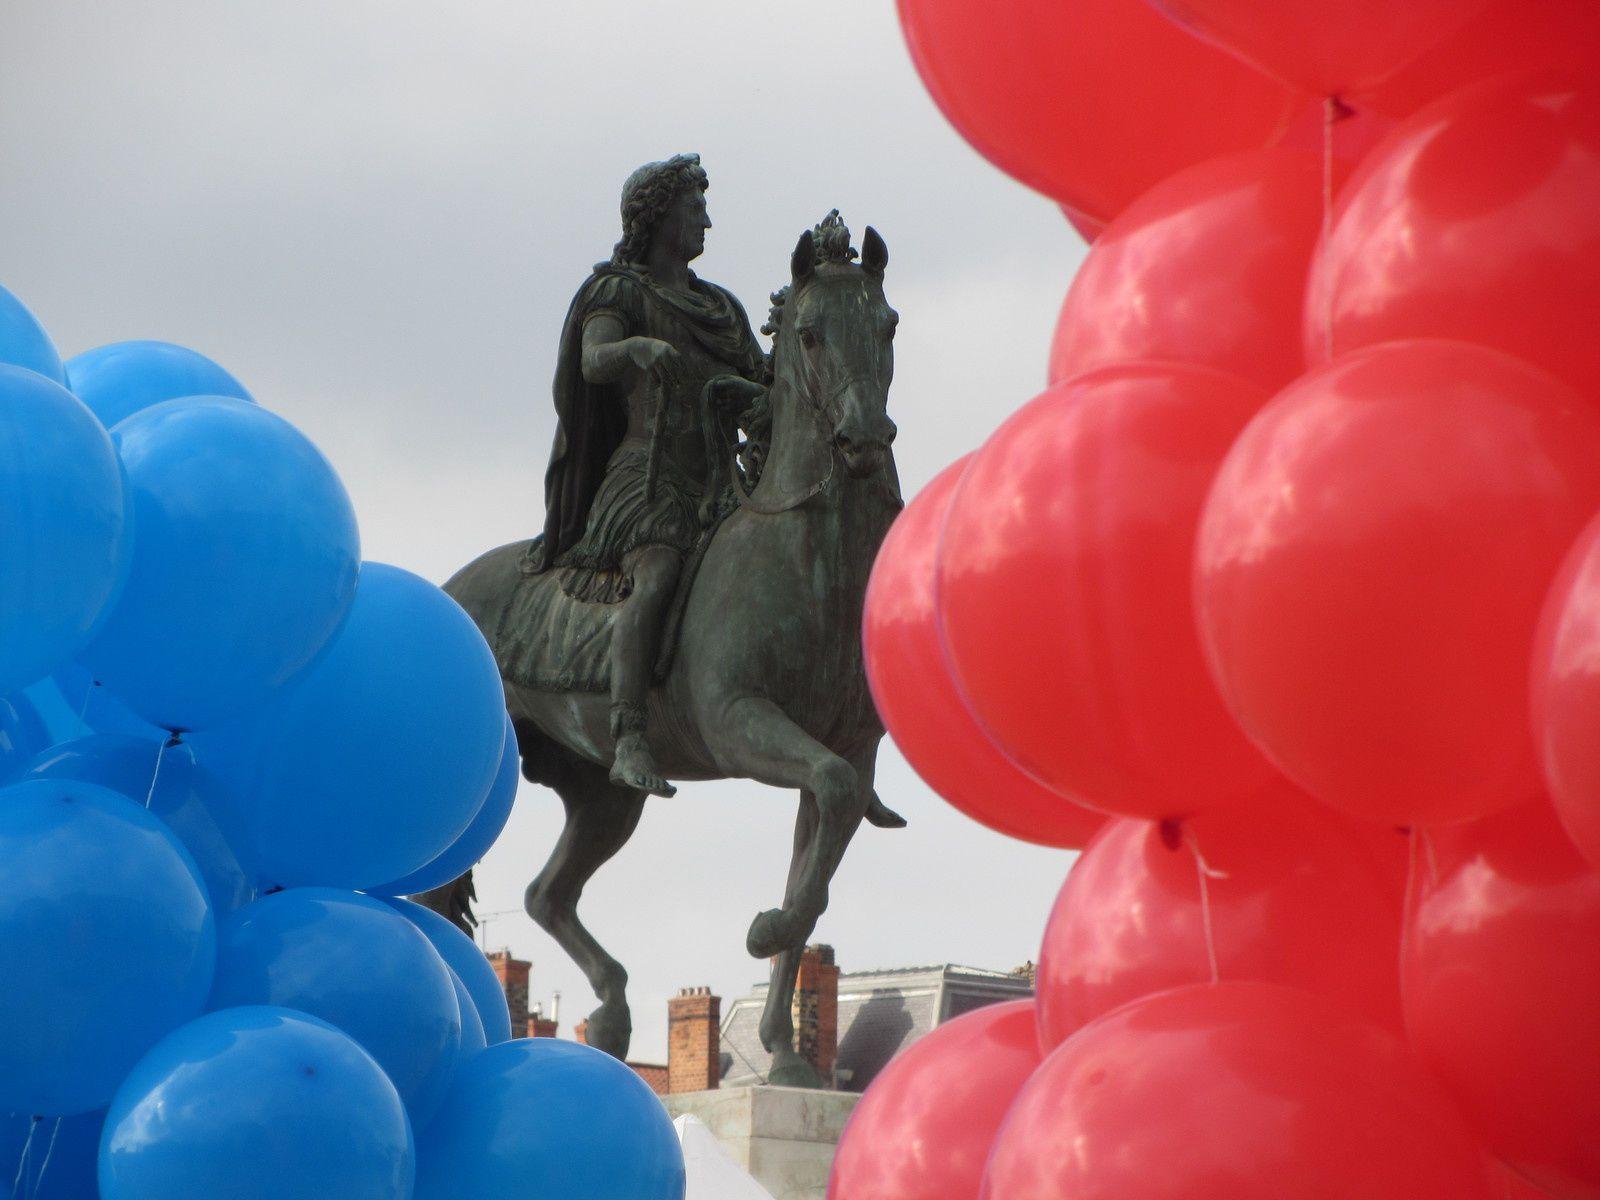 Et la cavalier de la place Bellecourt : Louis XIV